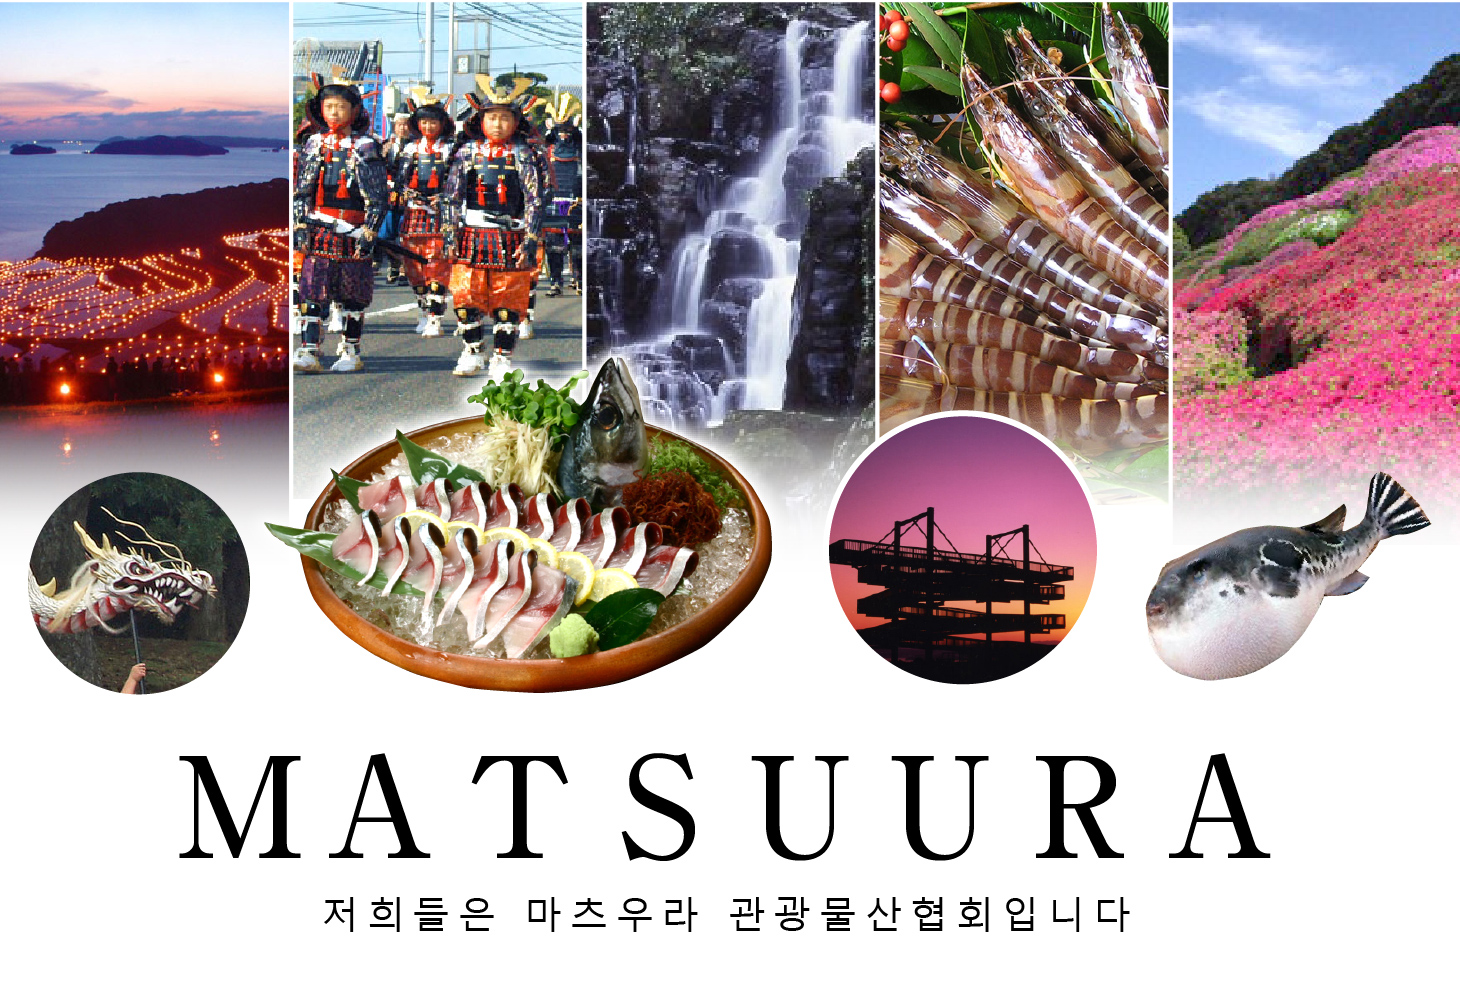 저희들은 마츠우라 관광물산협회입니다.